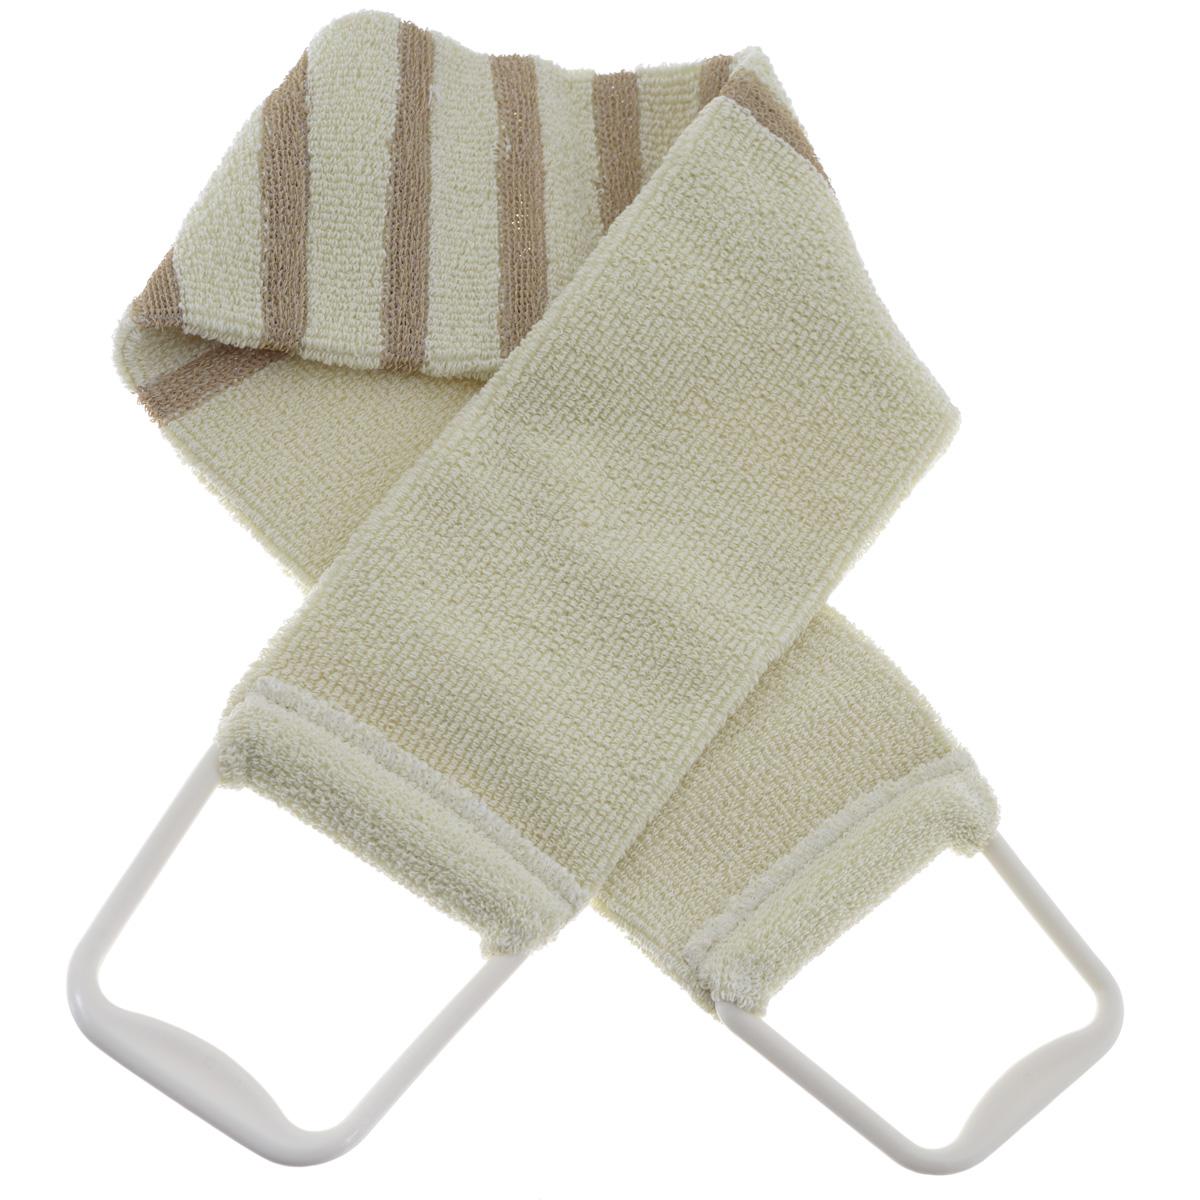 Мочалка 426, цвет: бежевый426 бежевыйМочалка-пояс Riffi применяется для мытья тела, обладает активным пилинговым действием, тонизируя, массируя и эффективно очищая вашу кожу. Мягкая хлопковая мочалка-пояс хорошо намыливает тело, а ее цветные полоски из жесткой полиэтиленовой махры эффективно удаляют отмершие чешуйки кожи, производя одновременно с пилингом и легкий массаж. Для удобства применения пояс снабжен двумя пластиковыми ручками. Благодаря отшелушивающему эффекту мочалки-пояса, кожа освобождается от отмерших клеток, становится гладкой, упругой и свежей. Интенсивный и пощипывающе свежий массаж тела с применением Riffi стимулирует кровообращение, активирует кровоснабжение, способствует обмену веществ, что в свою очередь позволяет себя чувствовать бодрым и отдохнувшим после принятия душа или ванны. Riffi регенерирует кожу, делает ее приятно нежной, мягкой и лучше готовой к принятию косметических средств. Приносит приятное расслабление всему организму. Борется со спазмами и болями в ...